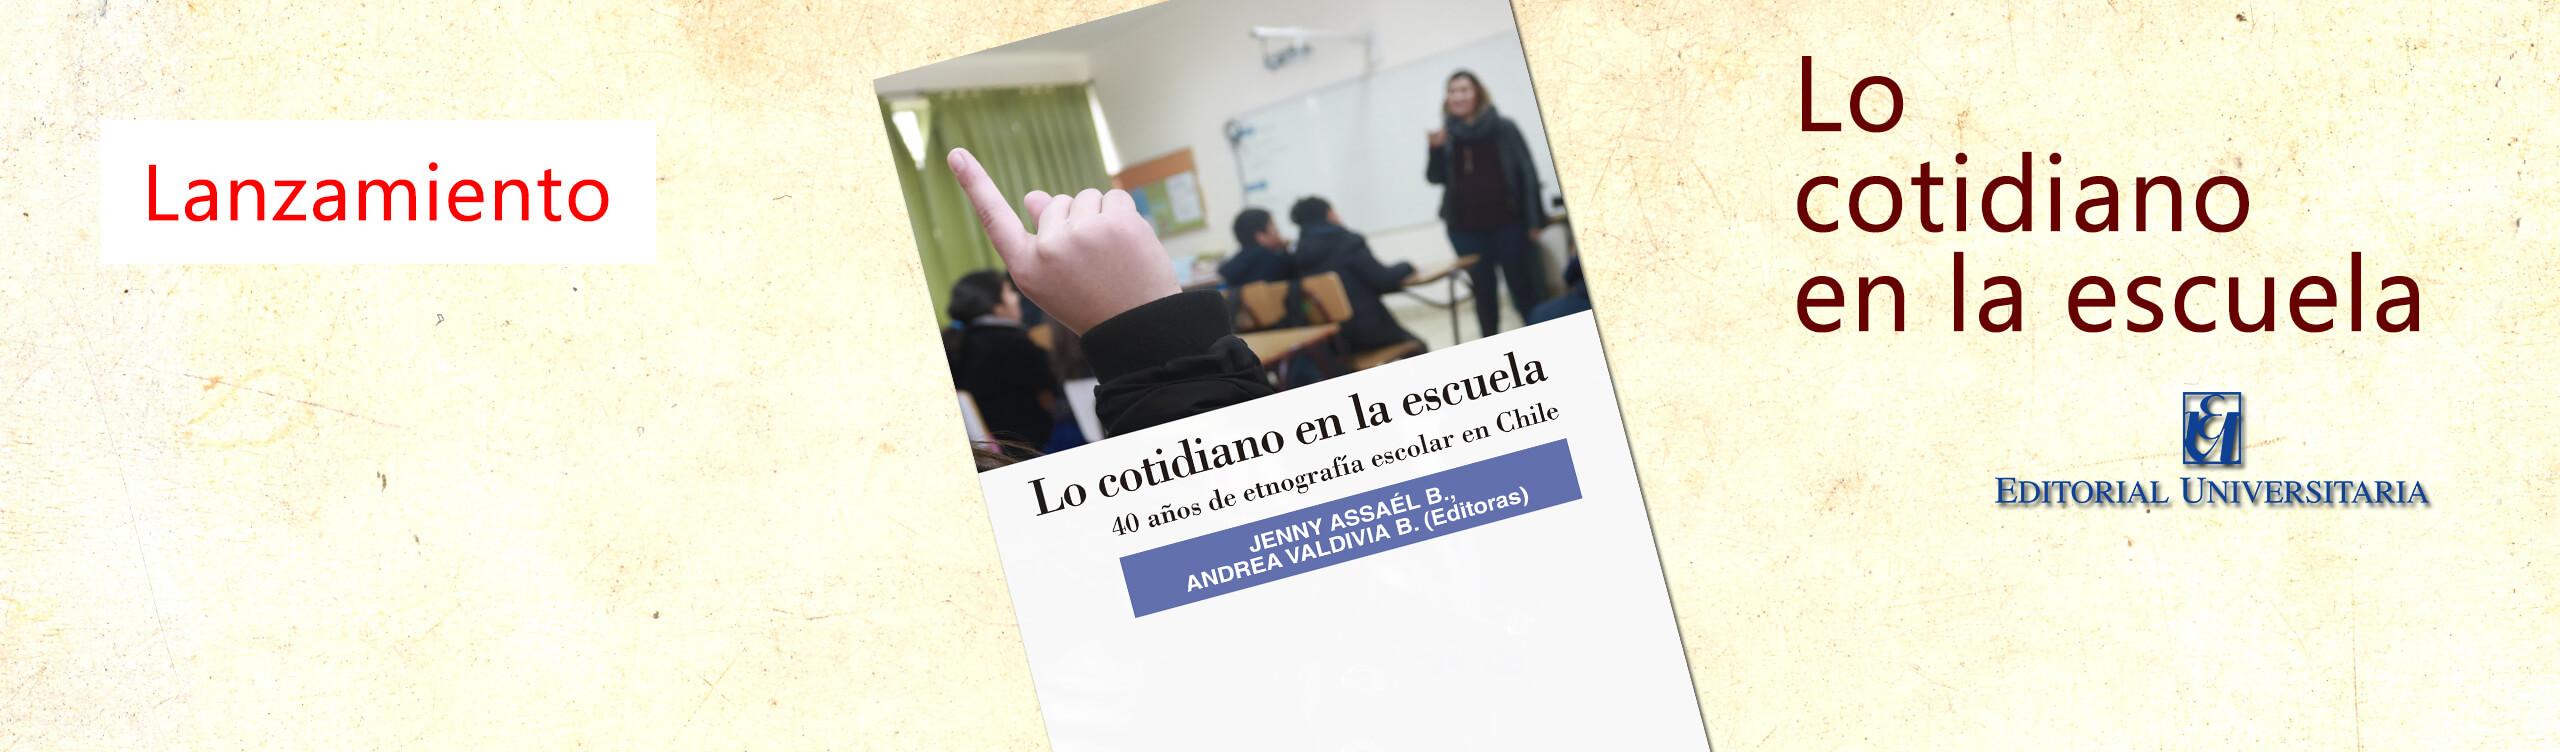 Lo cotidiano en la escuela Editorial Universitaria